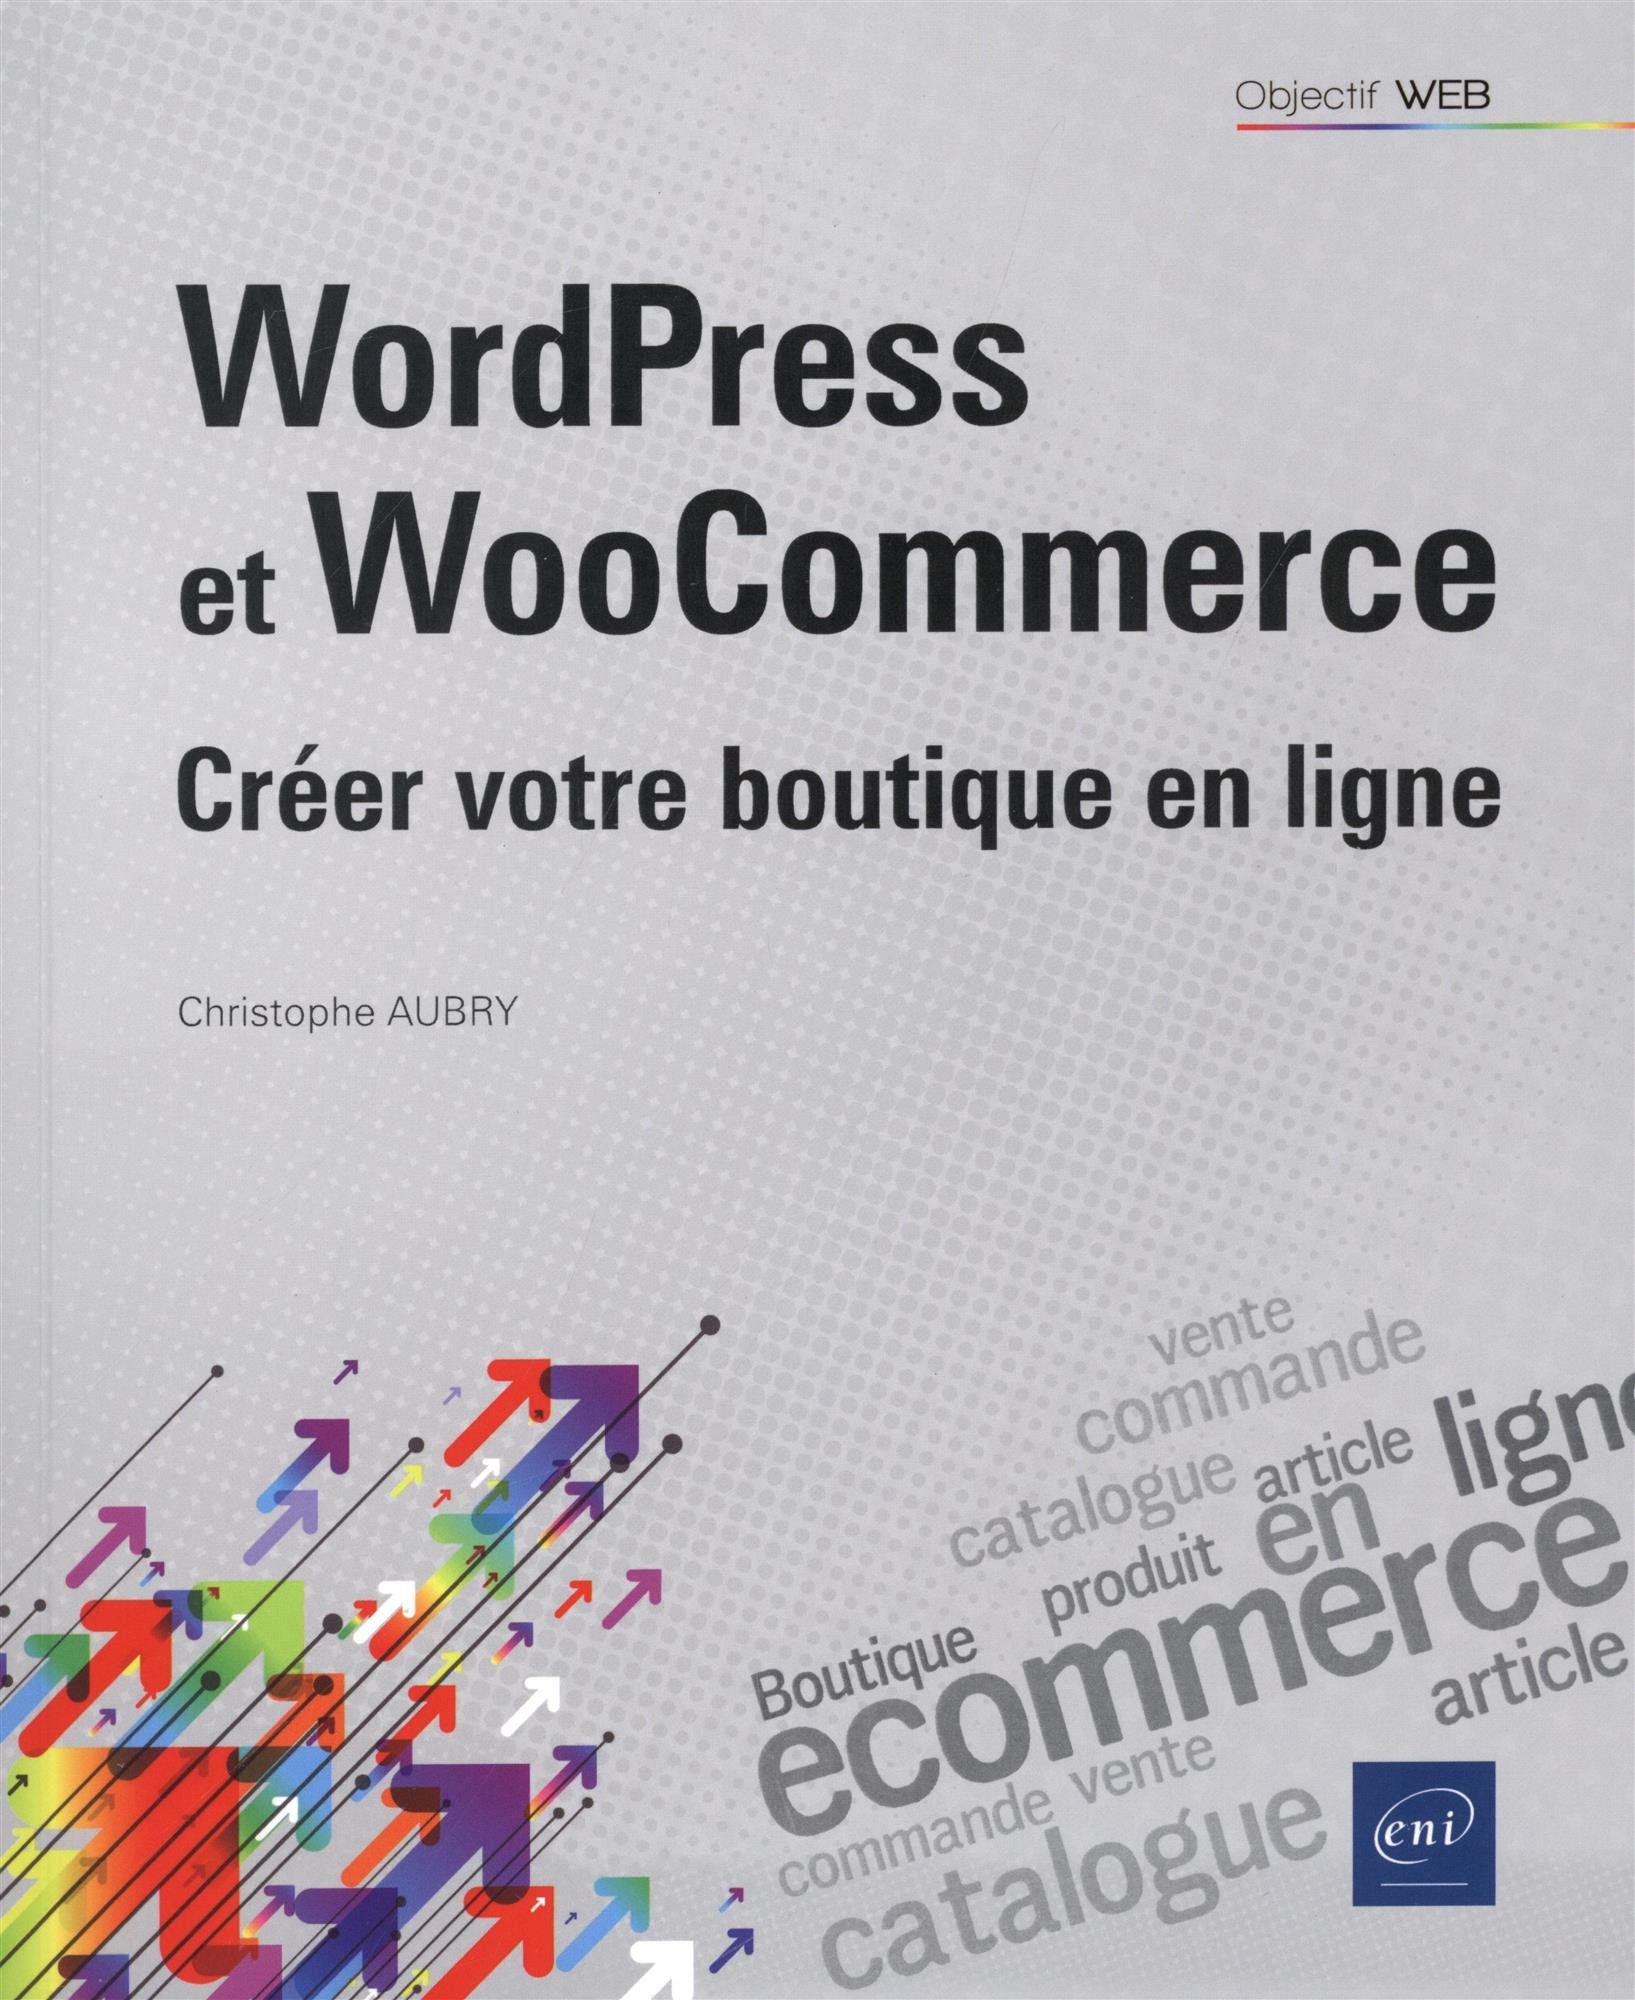 d599f863c49 Amazon.fr - WordPress et WooCommerce - Créer votre boutique en ligne -  Christophe AUBRY - Livres